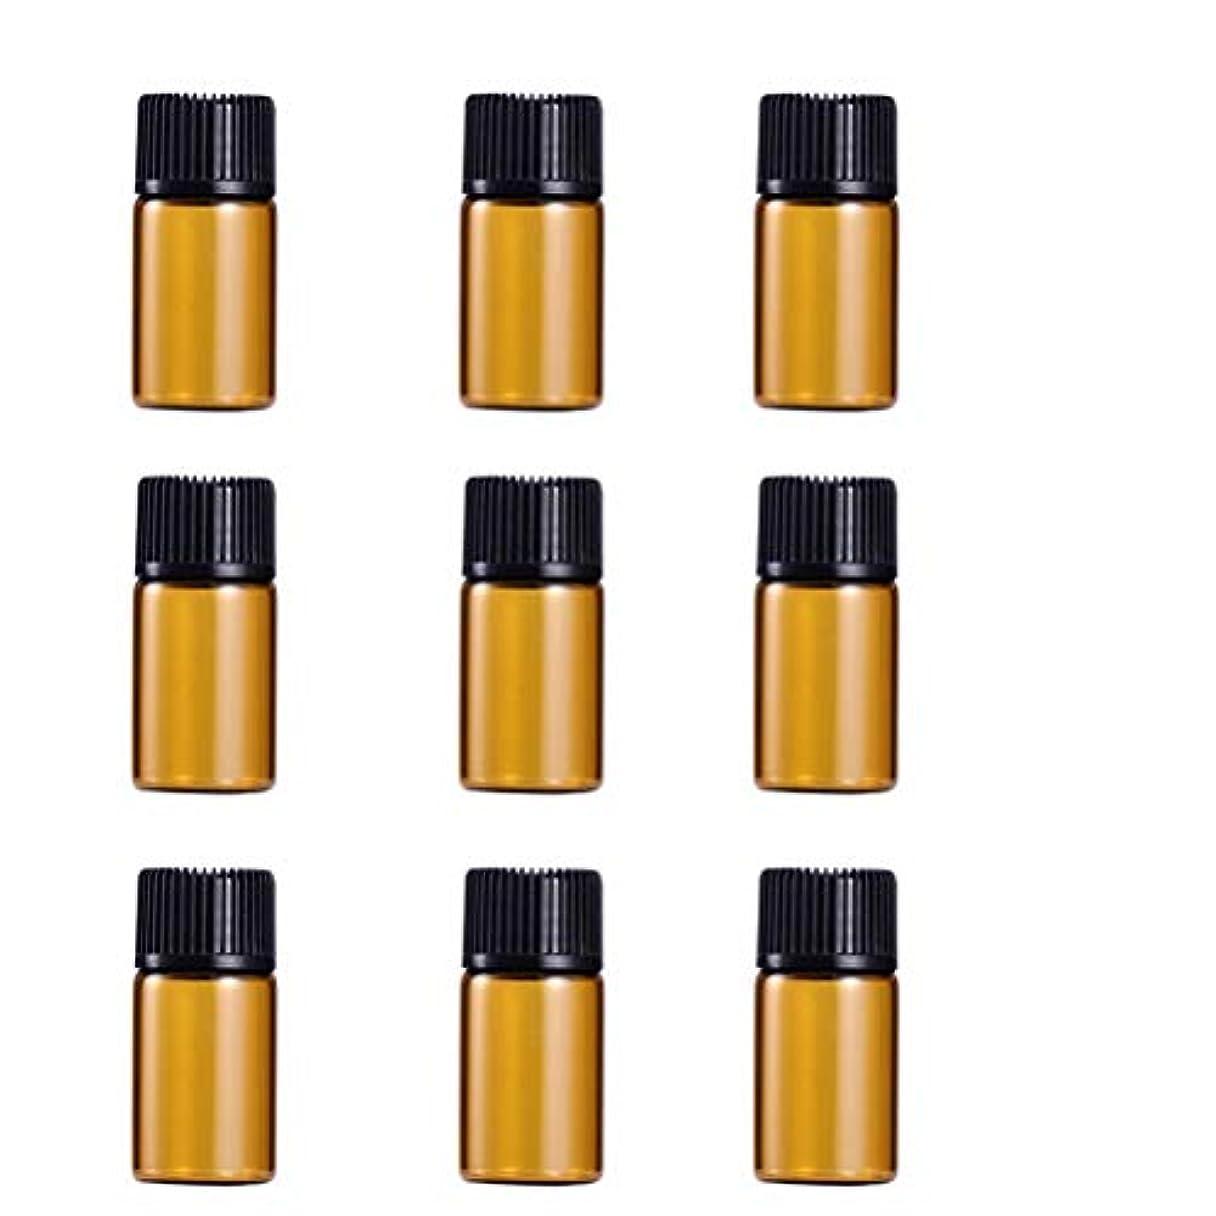 油翻訳者変化WINOMO 遮光瓶 アロマオイル 精油 小分け用 遮光瓶セット アロマボトル 保存容器 エッセンシャルオイル 香水 保存用 詰替え ガラス 茶色(9個入り 3ml)